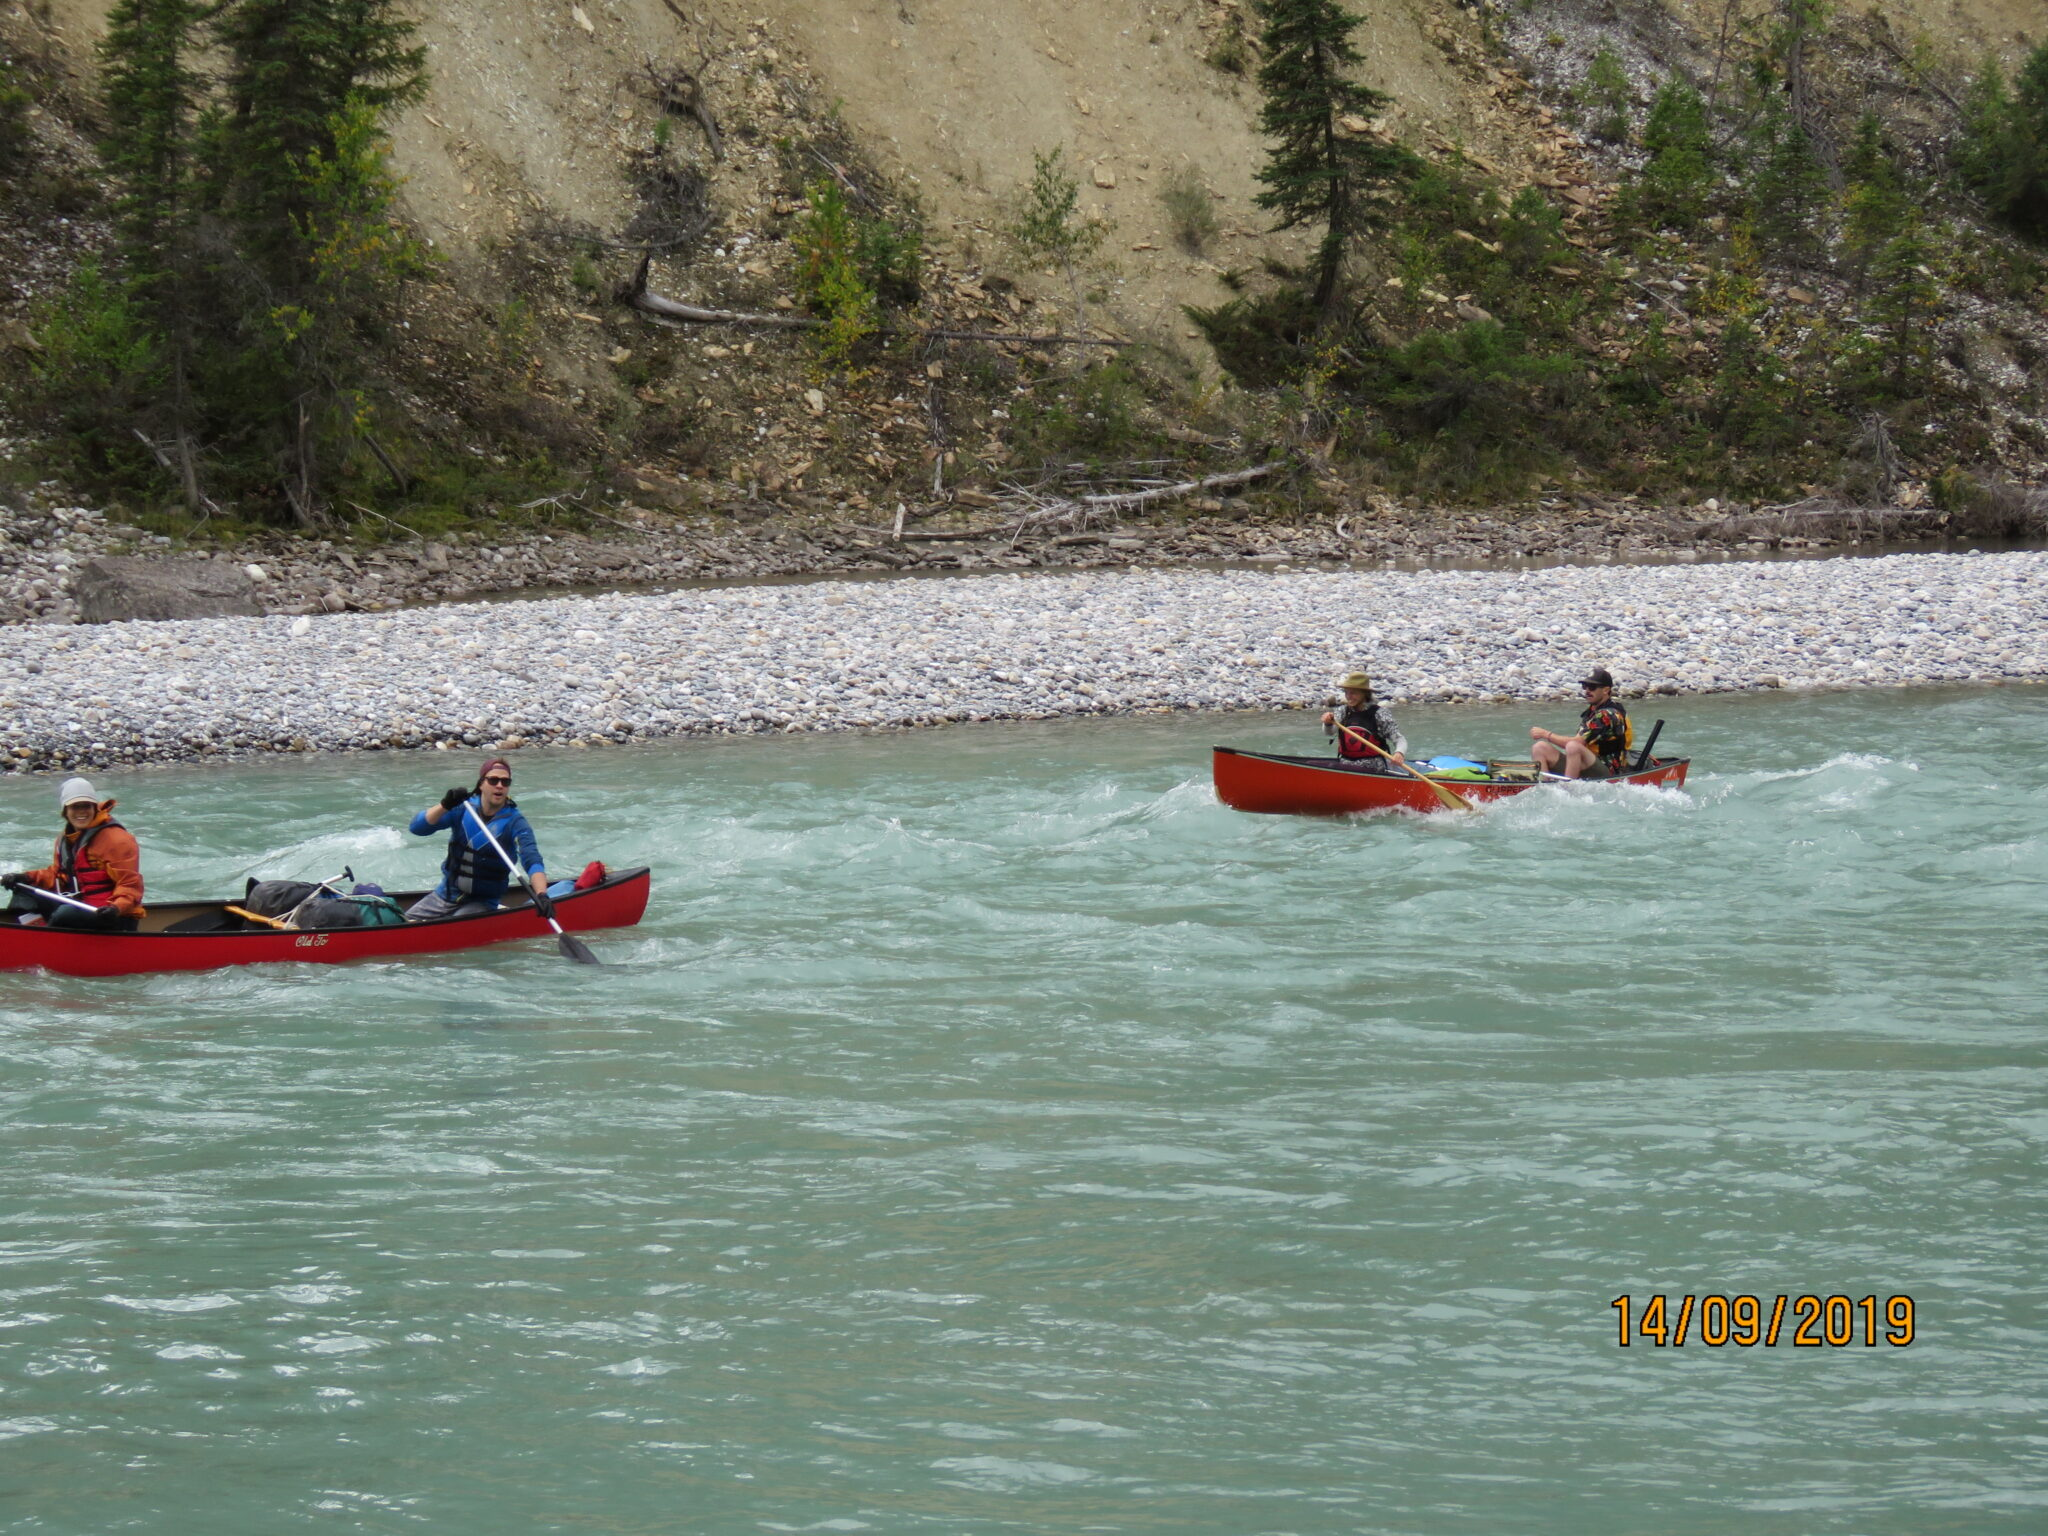 Kootenay River - Canada